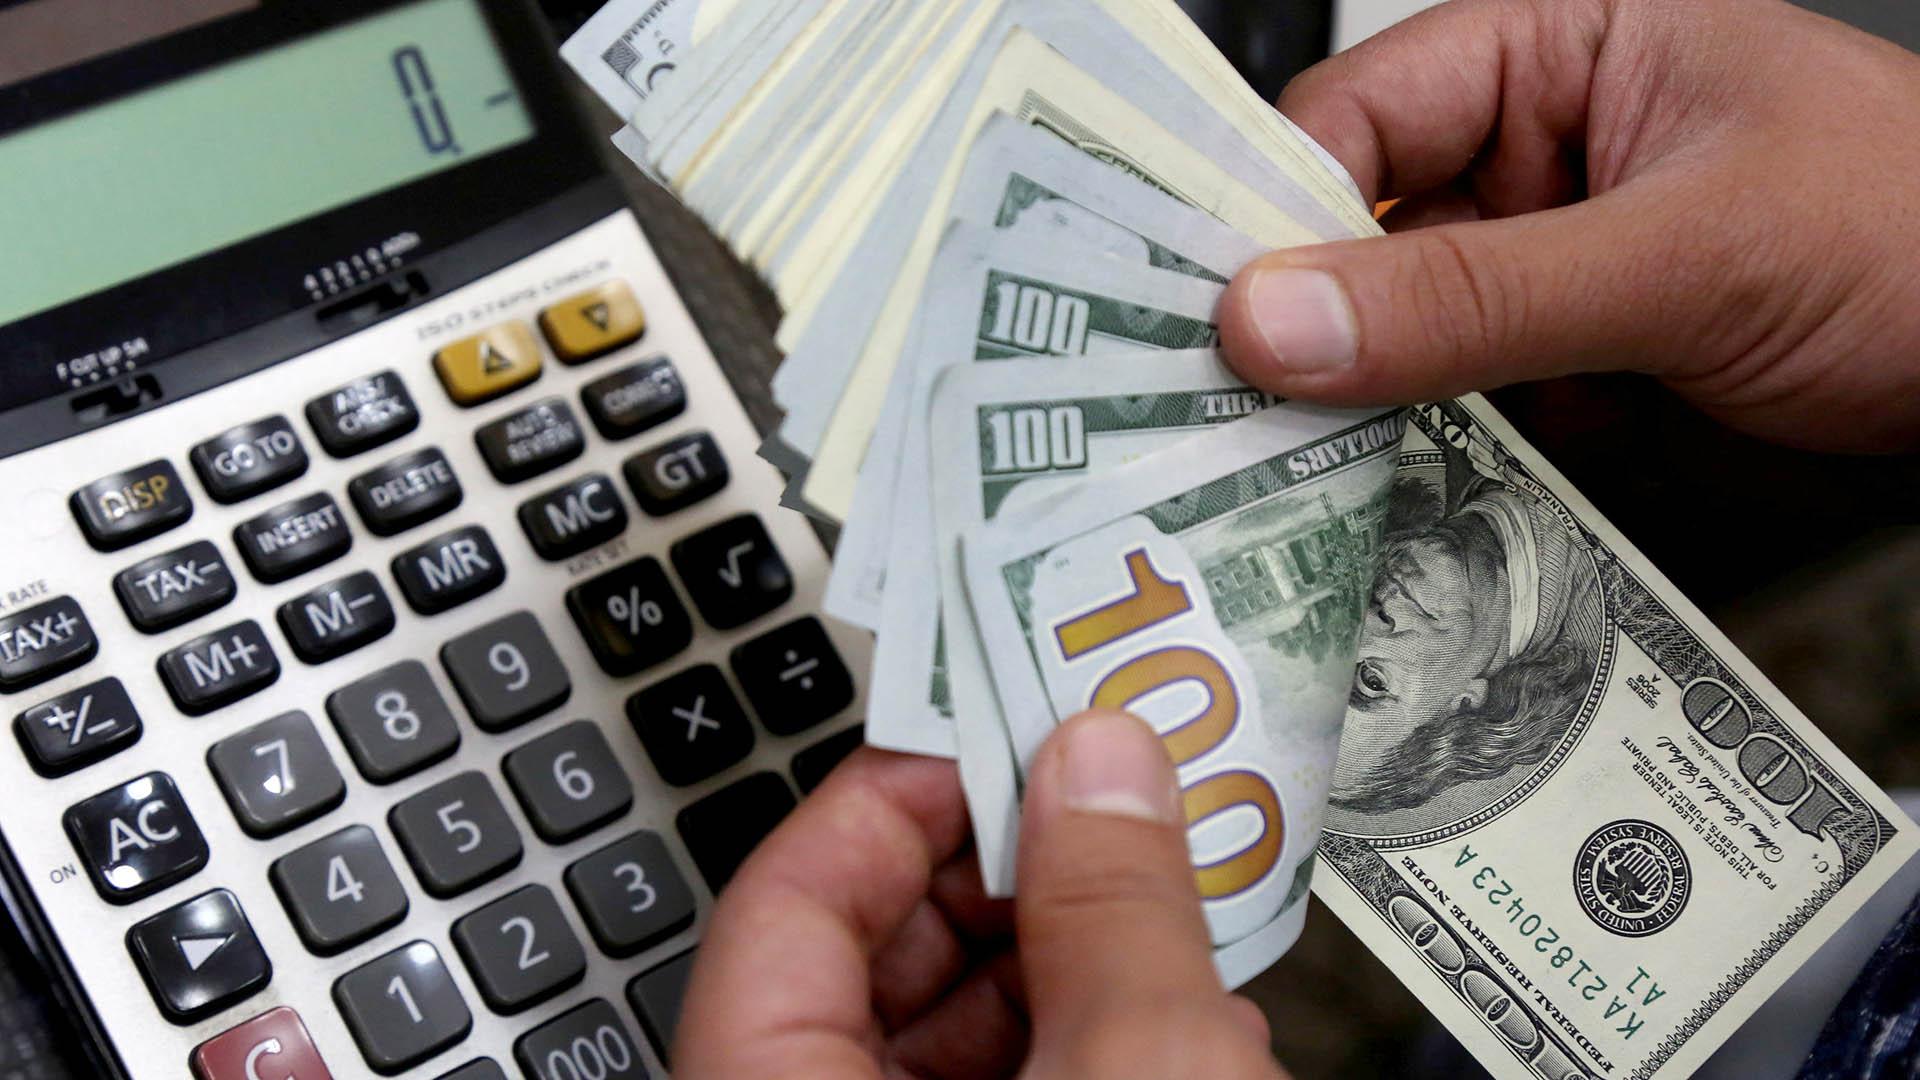 Las altas tasas explican la debilidad del dólar en las últimas semanas. (Reuters)